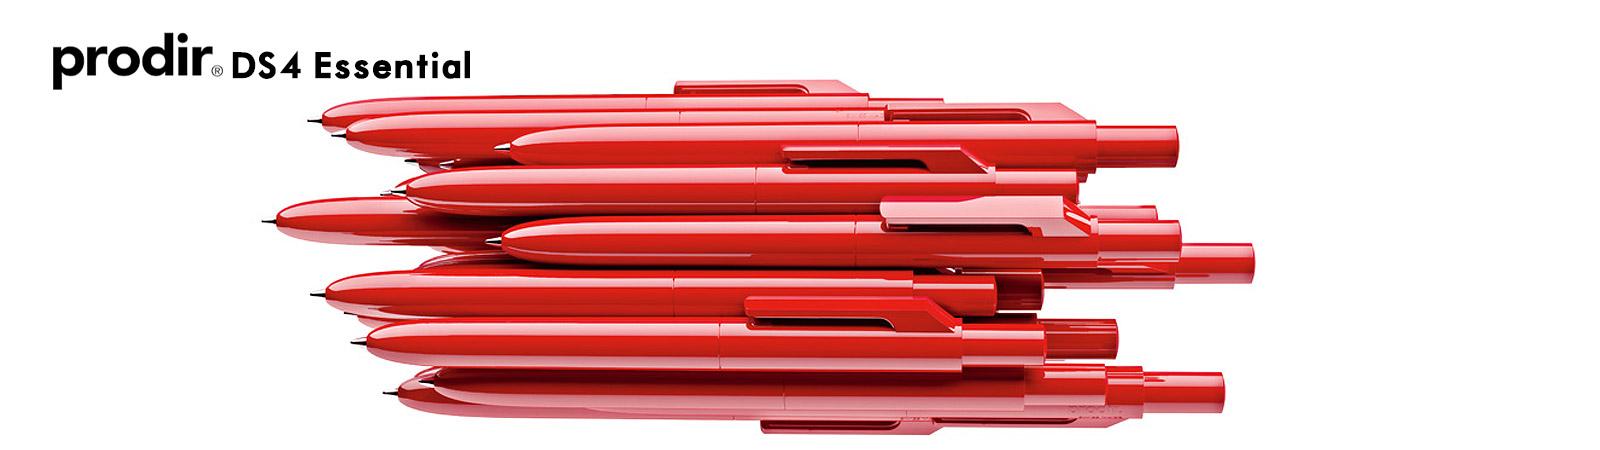 Prodir DS4 bedrukte pennen van Prikkels BV uit Eindhoven